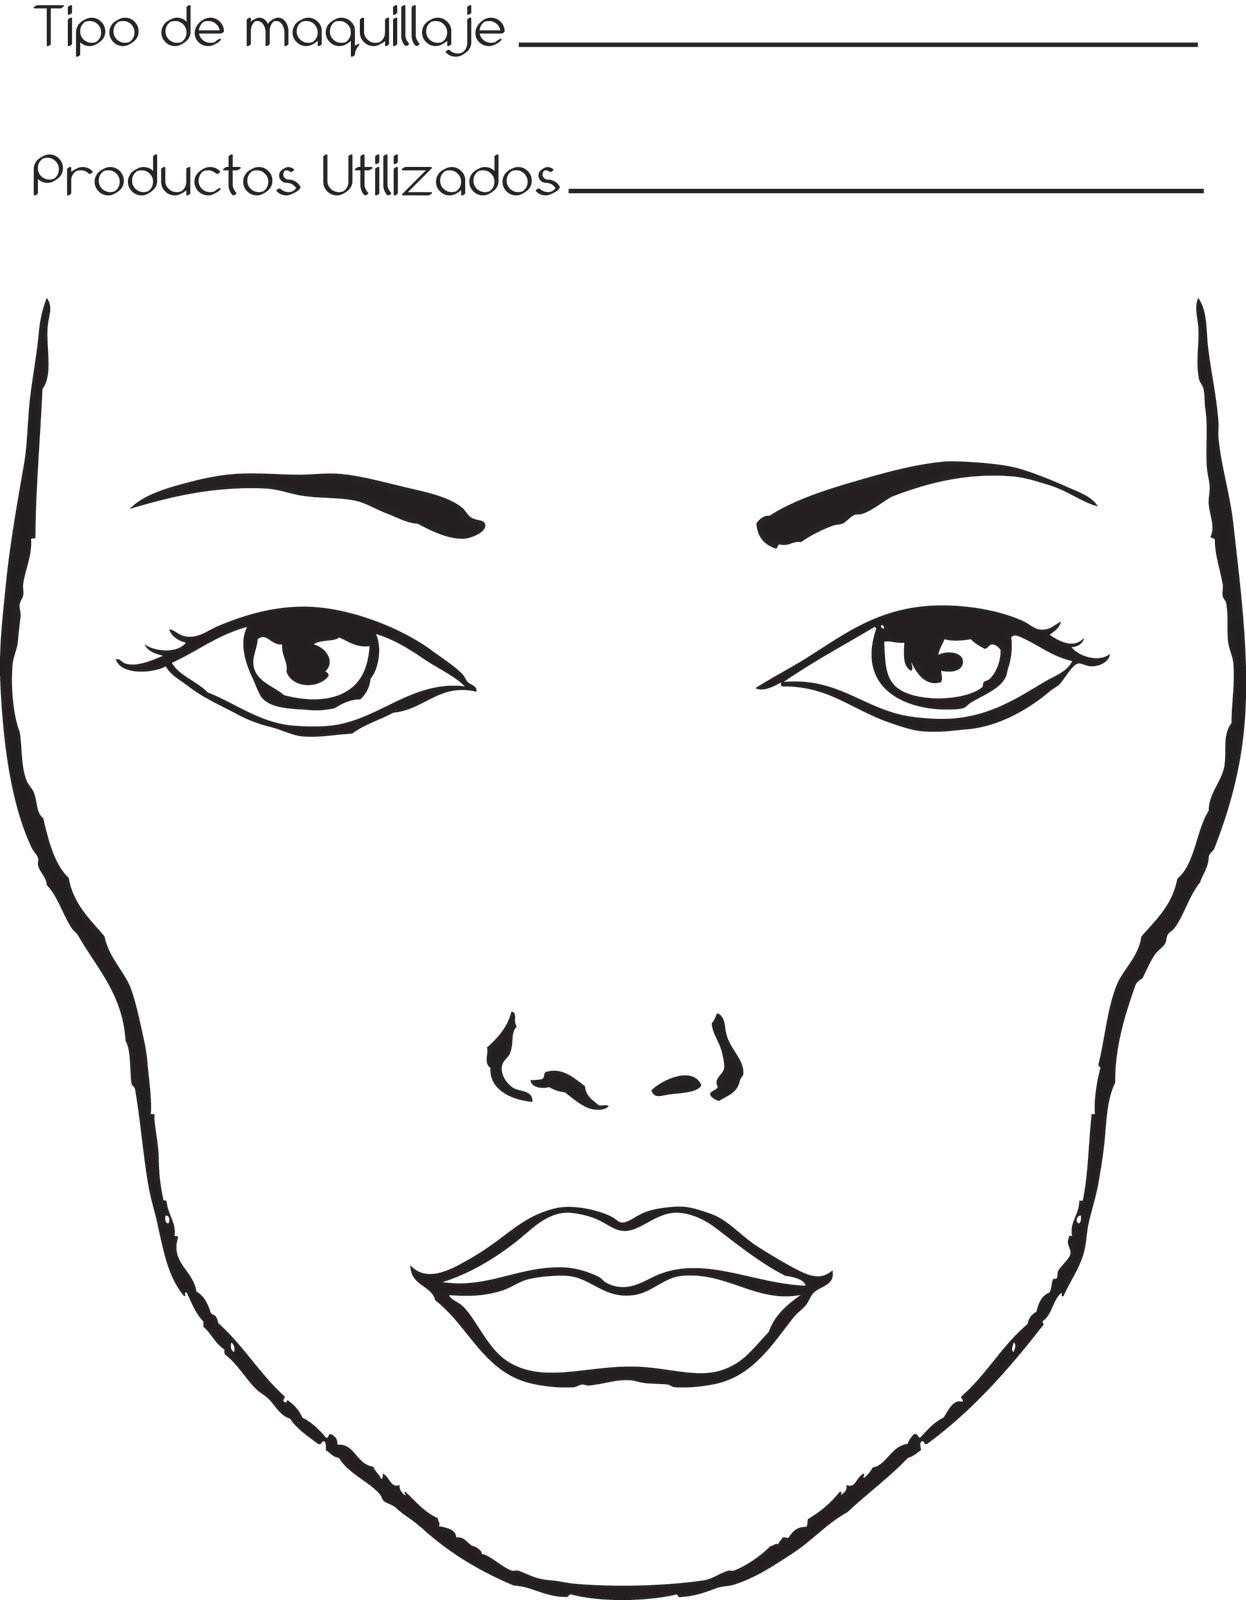 Dibujos de rostros para maquillar - Imagui